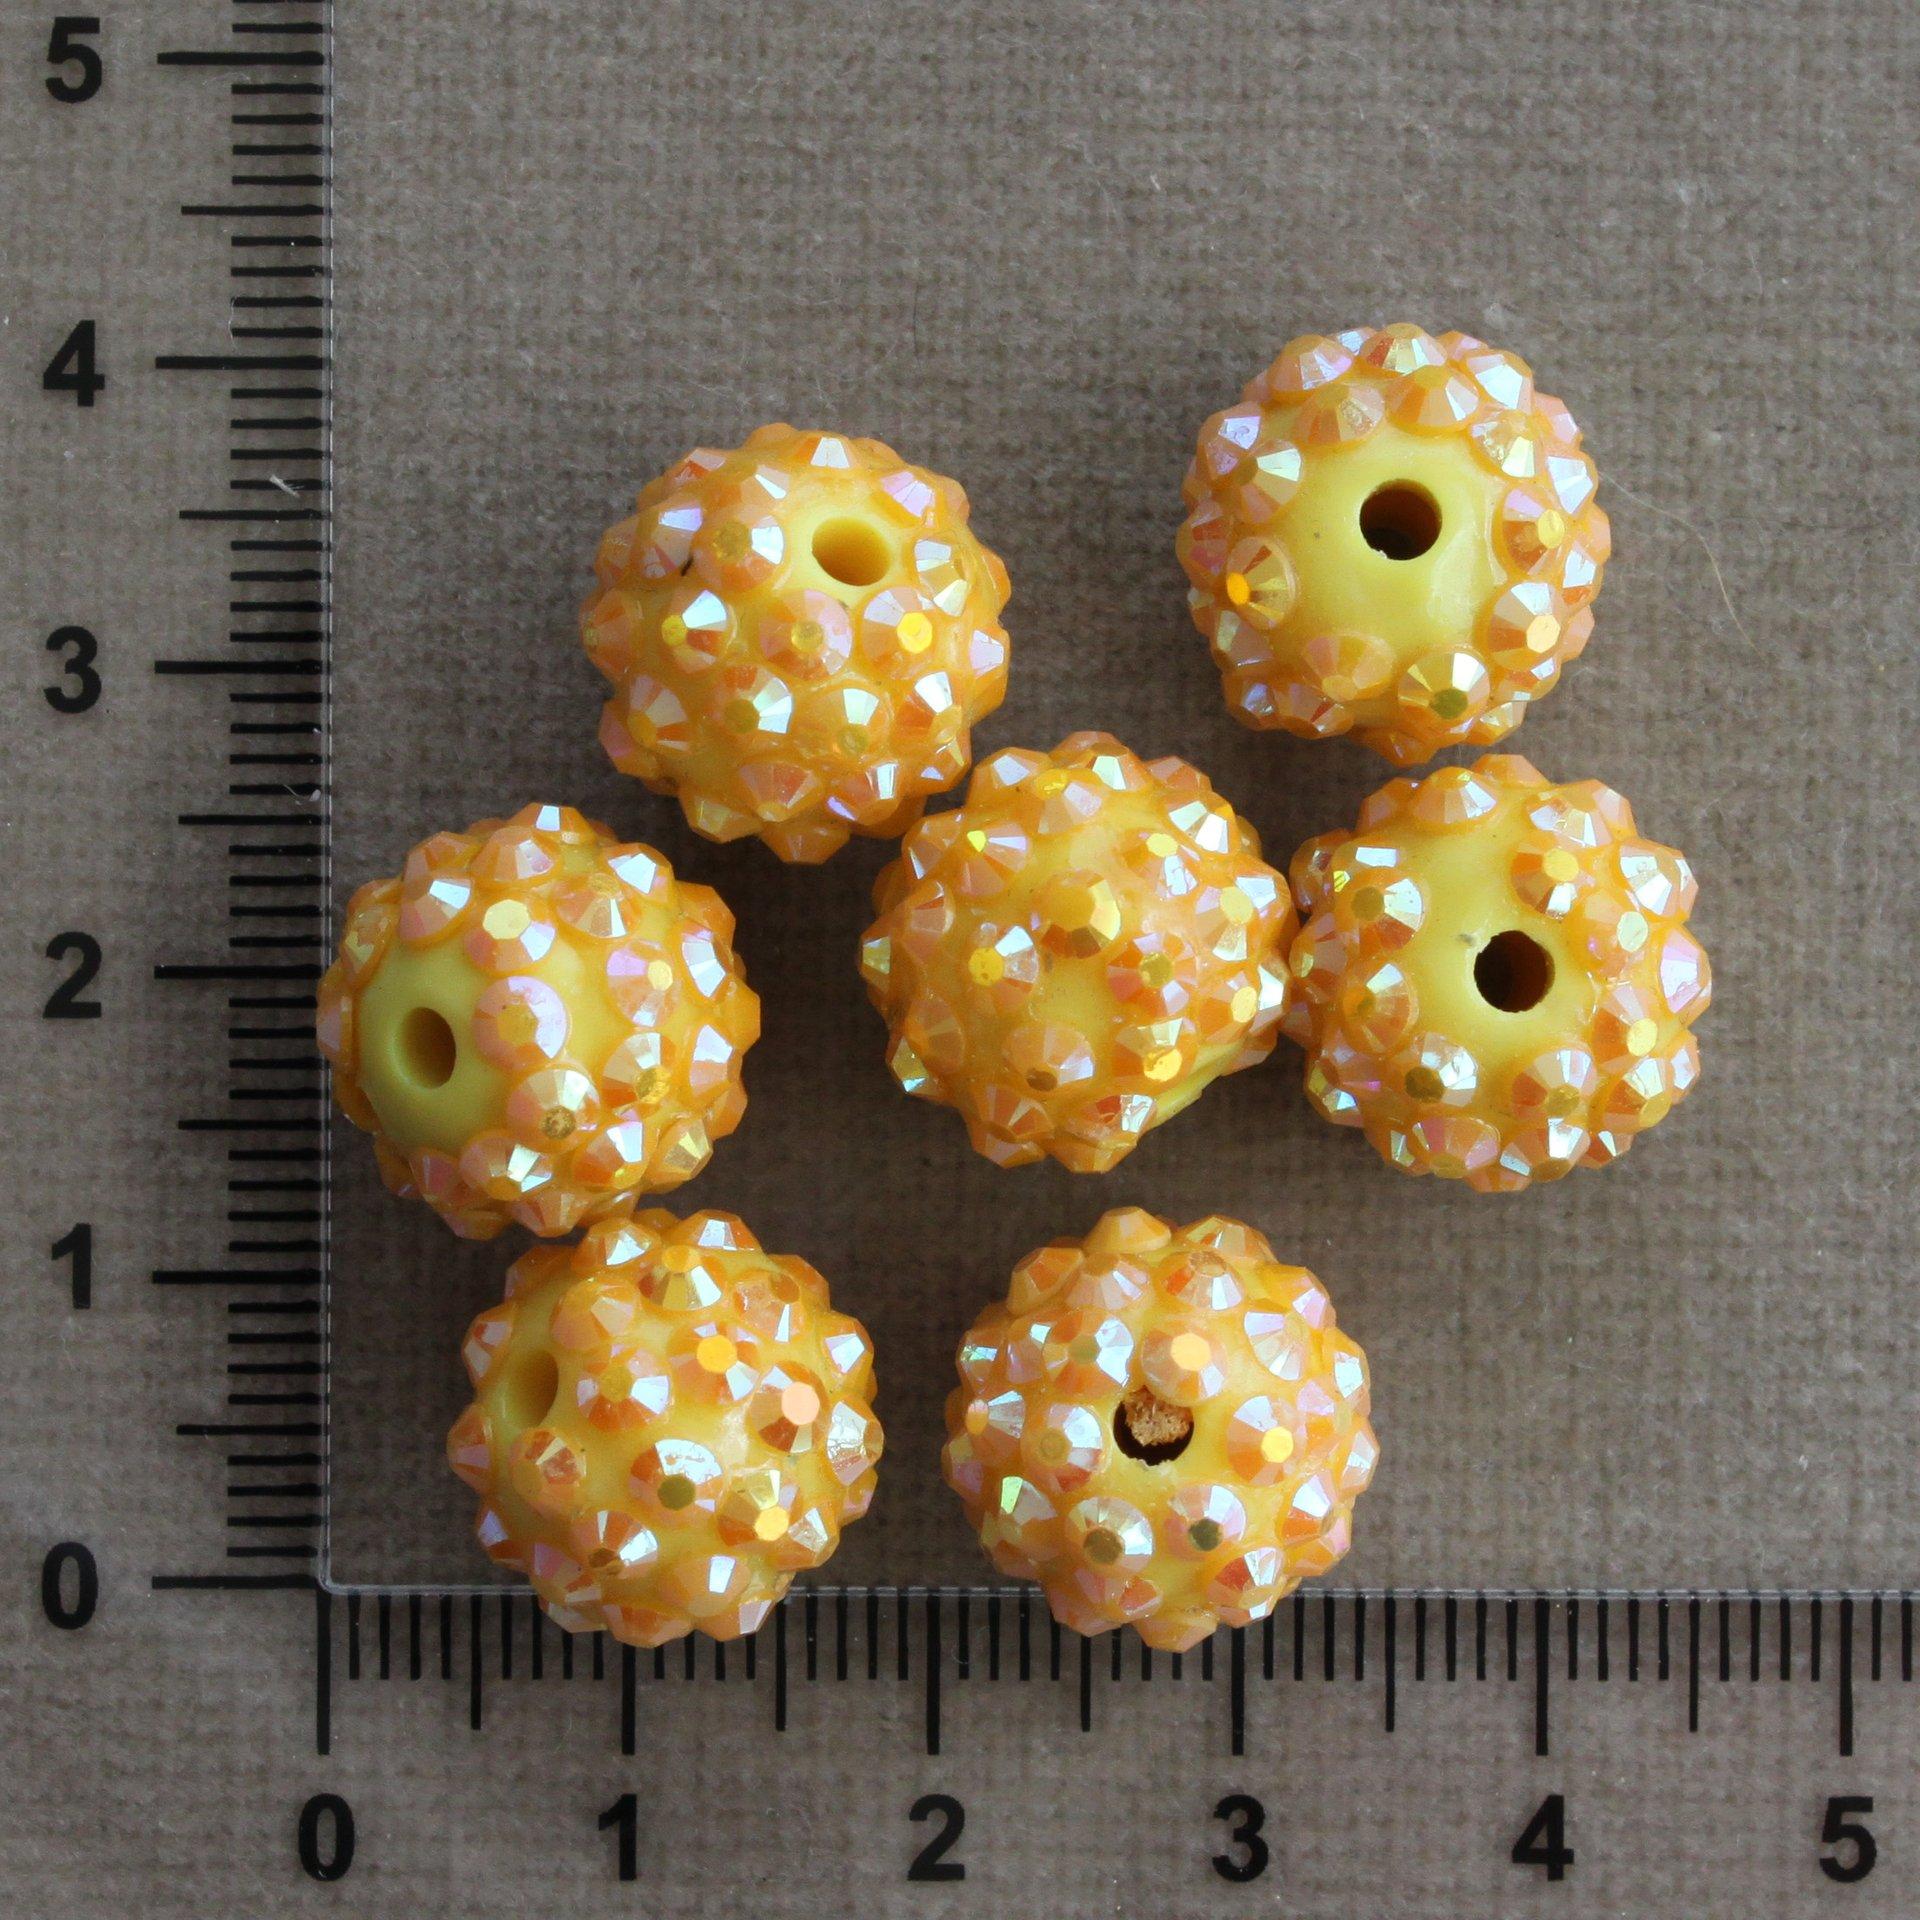 Žluto-oranžová 13 mm žlutá/oranžová kulička plast 13 mm 2,4 mm